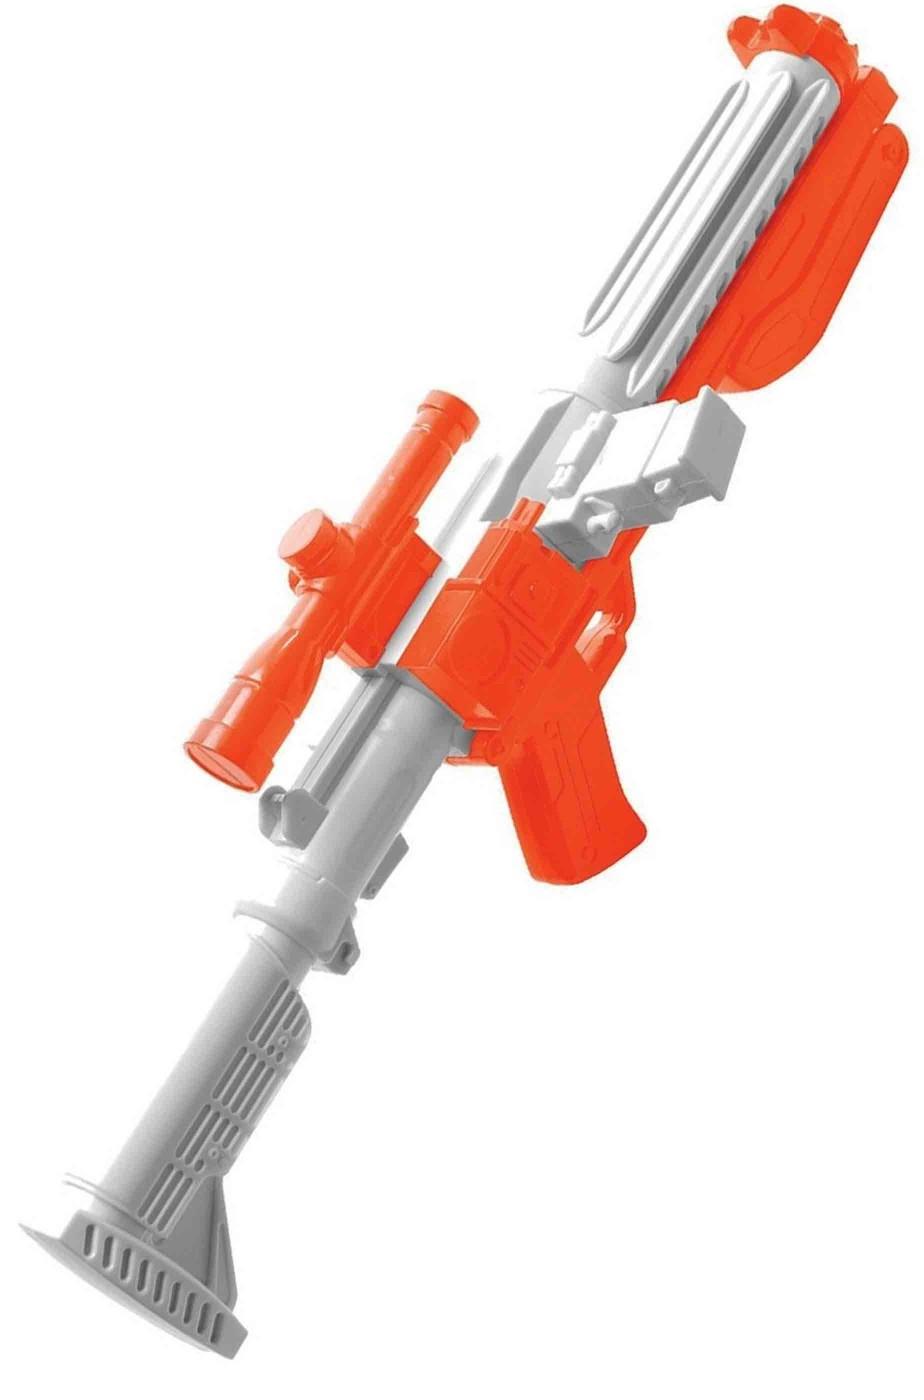 Fucile giocattolo Clone Trooper Star Wars Trooper Blaster Sten